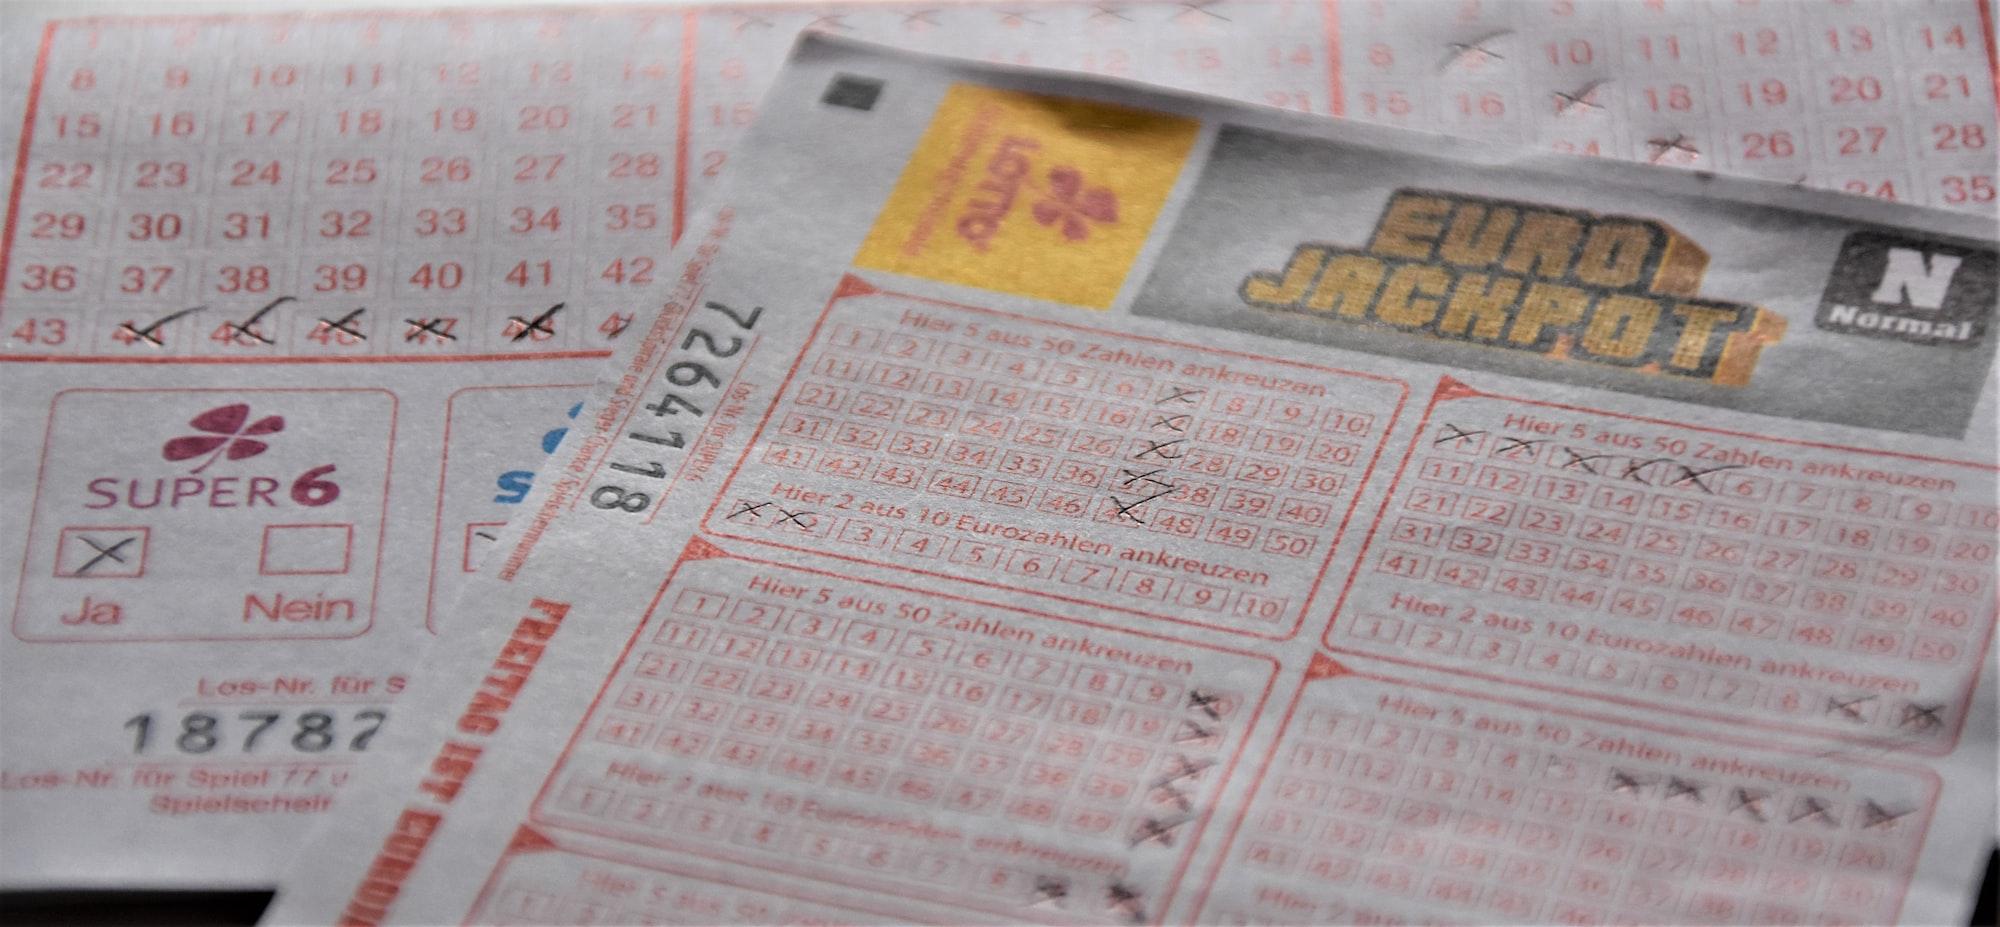 Estrazioni Lotto, Superenalotto e 10eLotto 21/08/21: i numeri vincenti